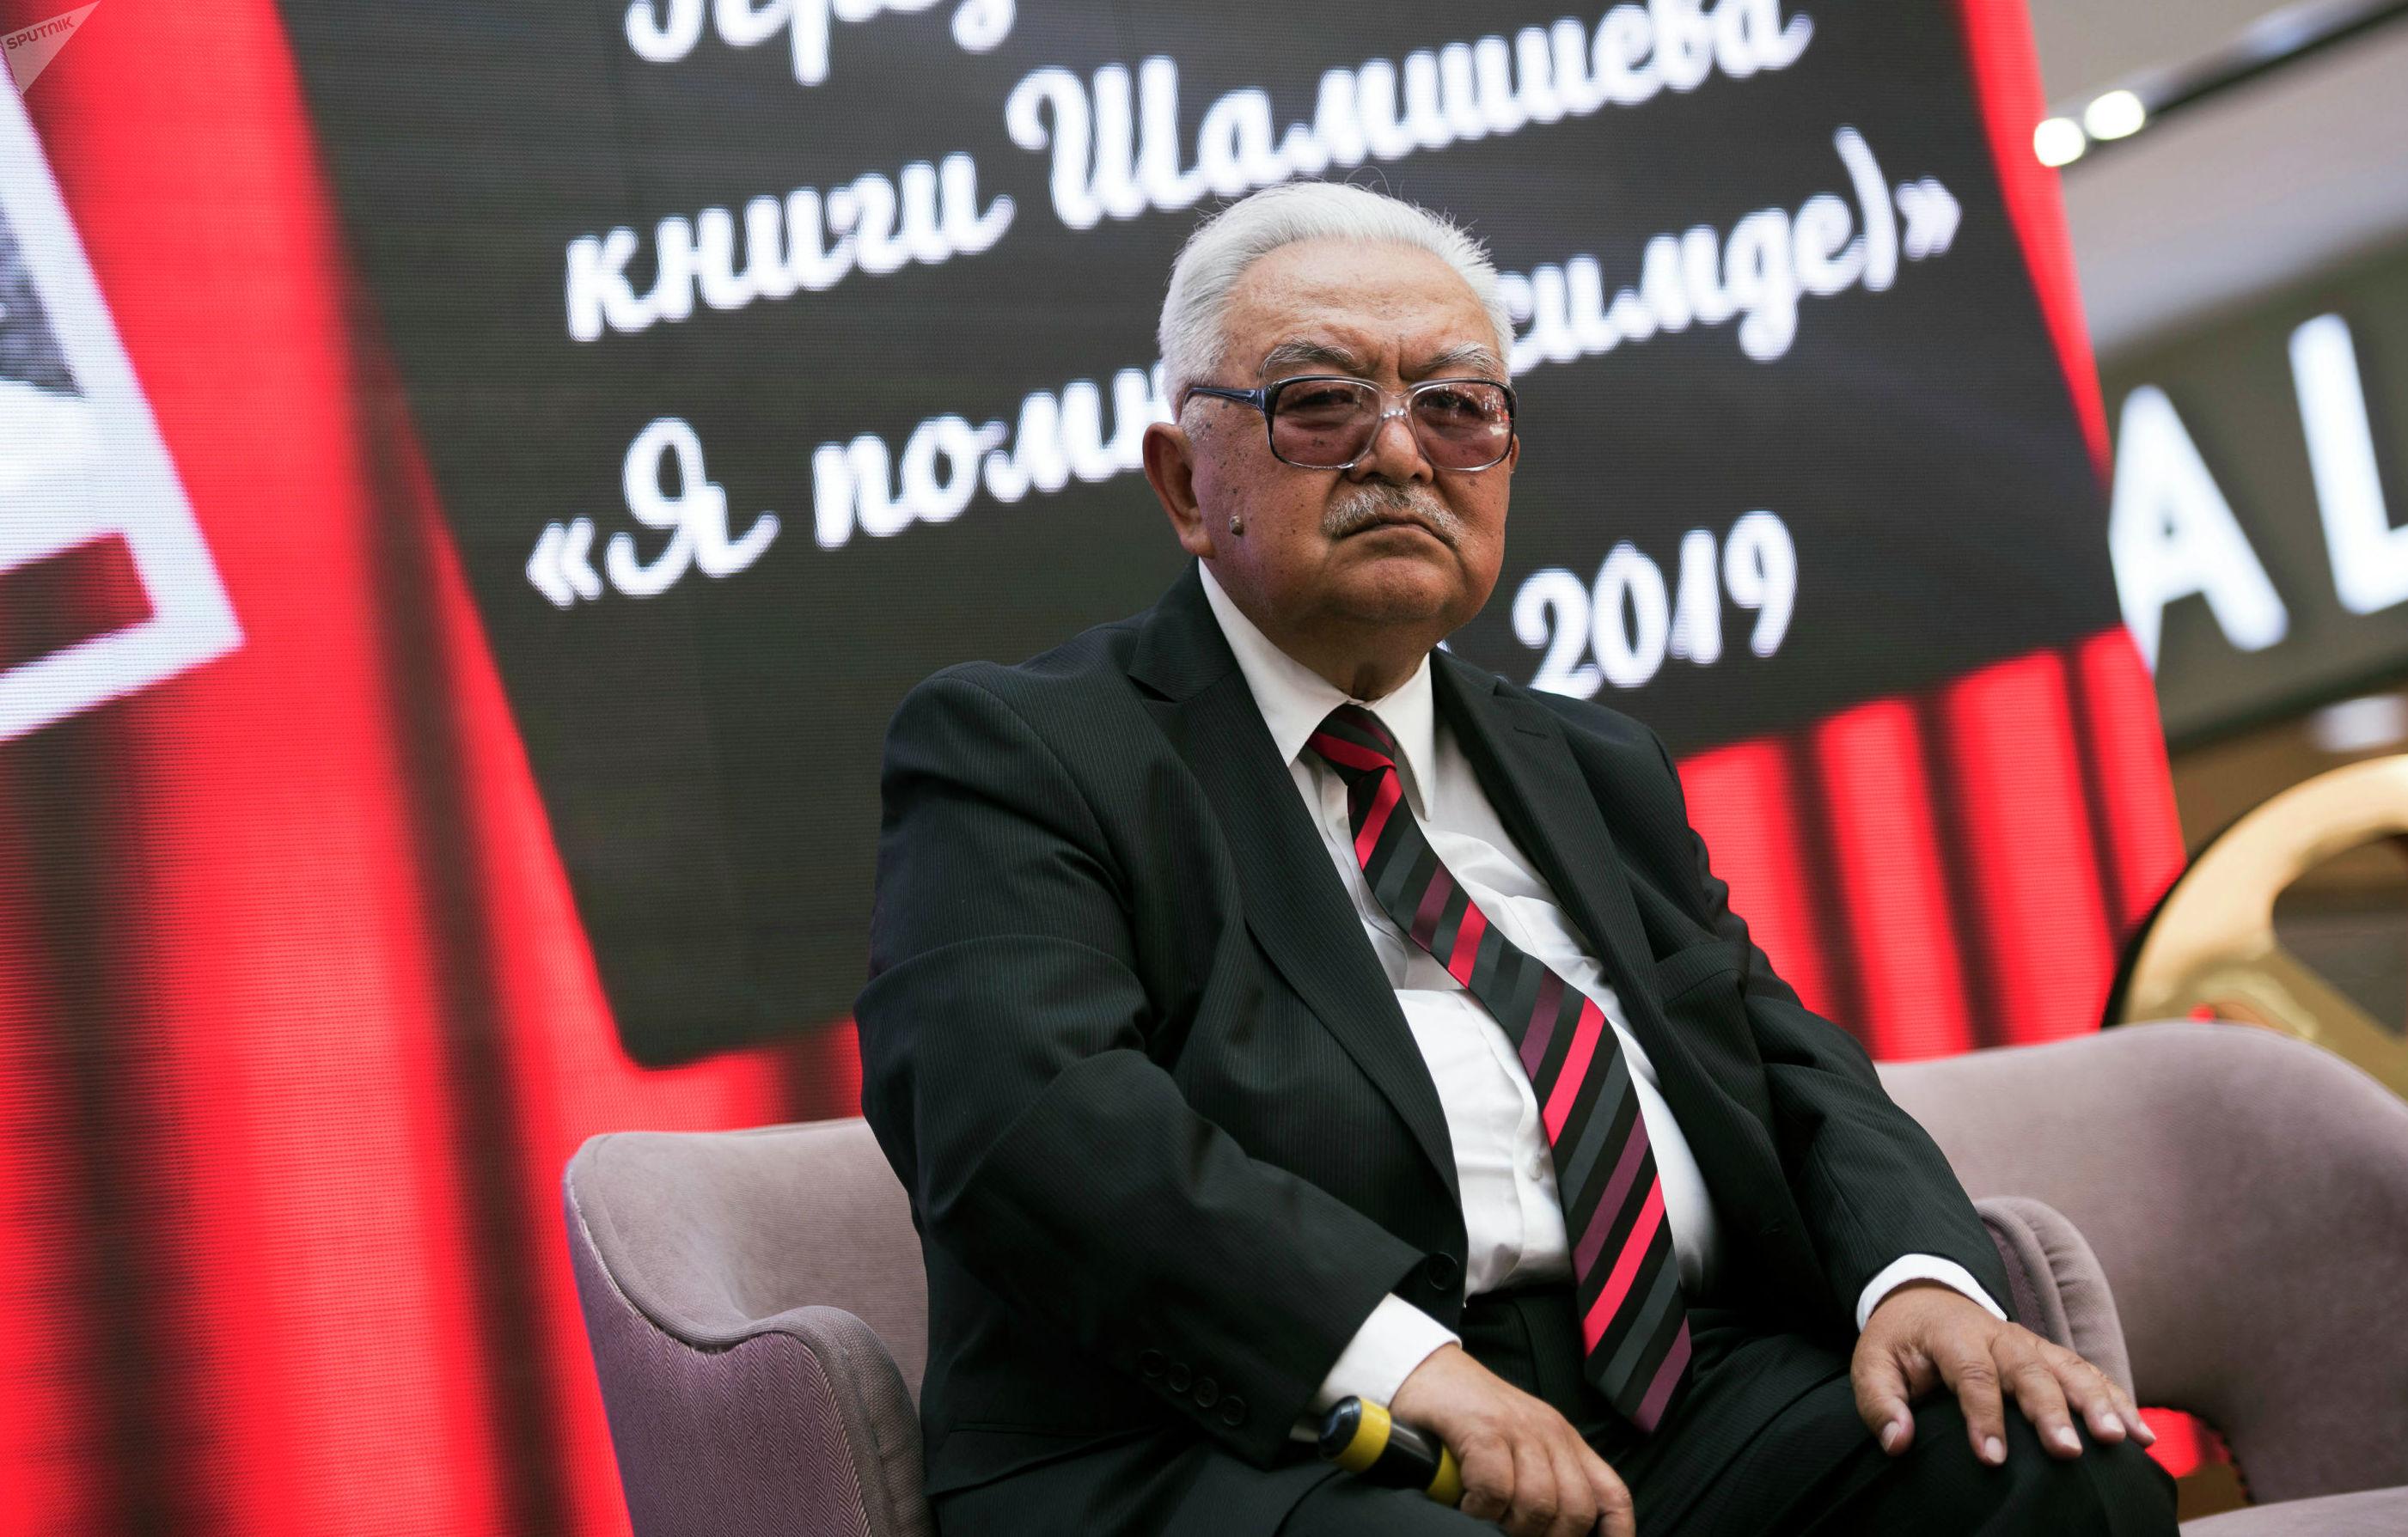 В Бишкеке состоялась презентация книги Эсимде — Я помню известного кинорежиссера народного артиста СССР Болота Шамшиева.